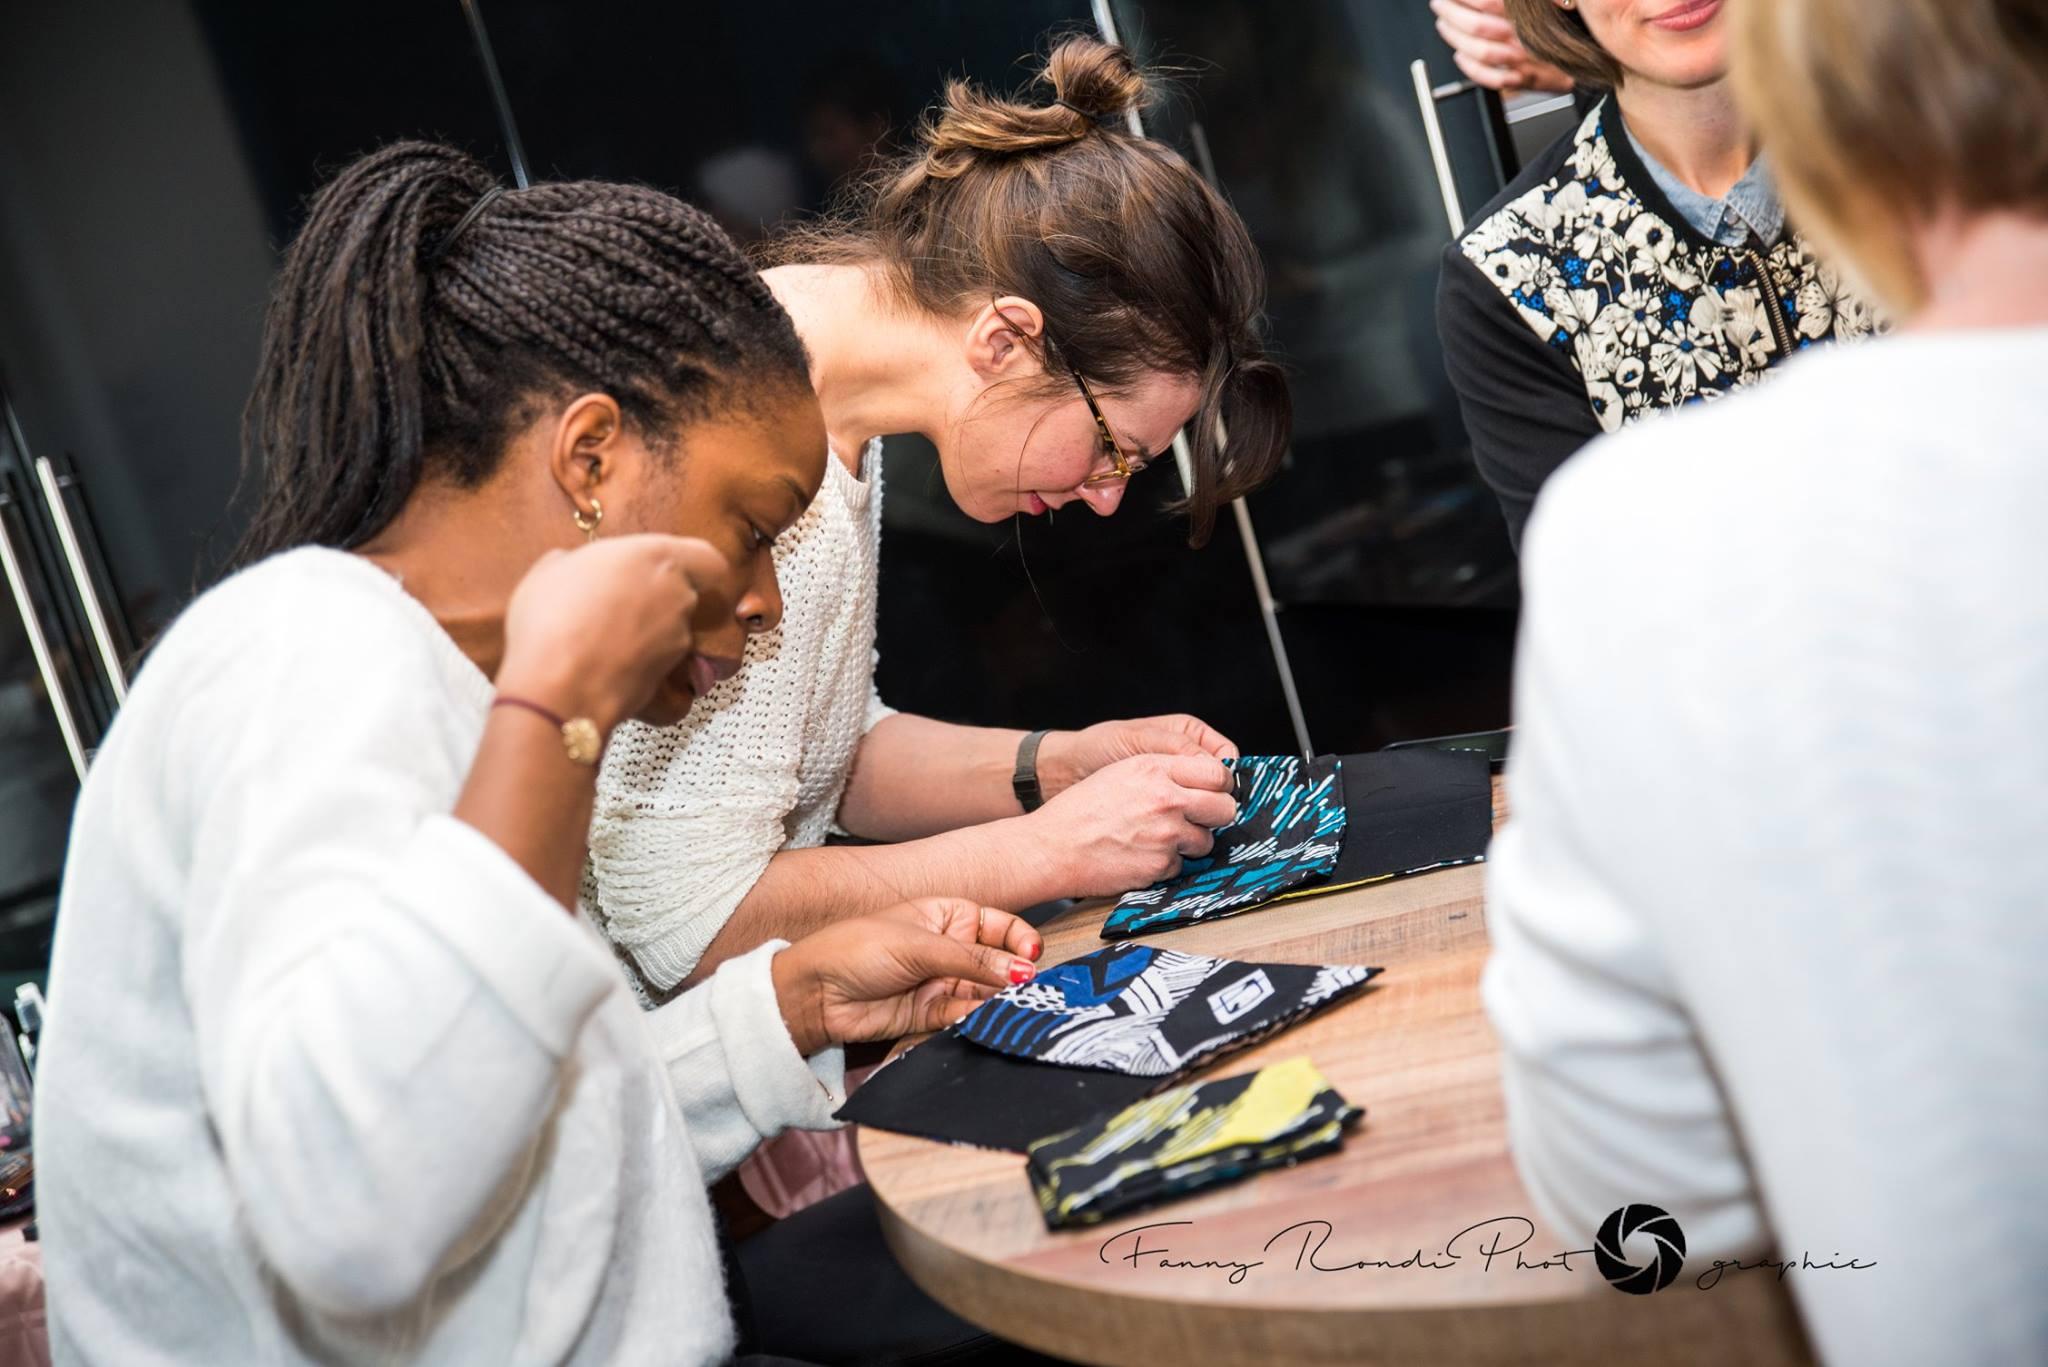 Ateliers couture Dijon